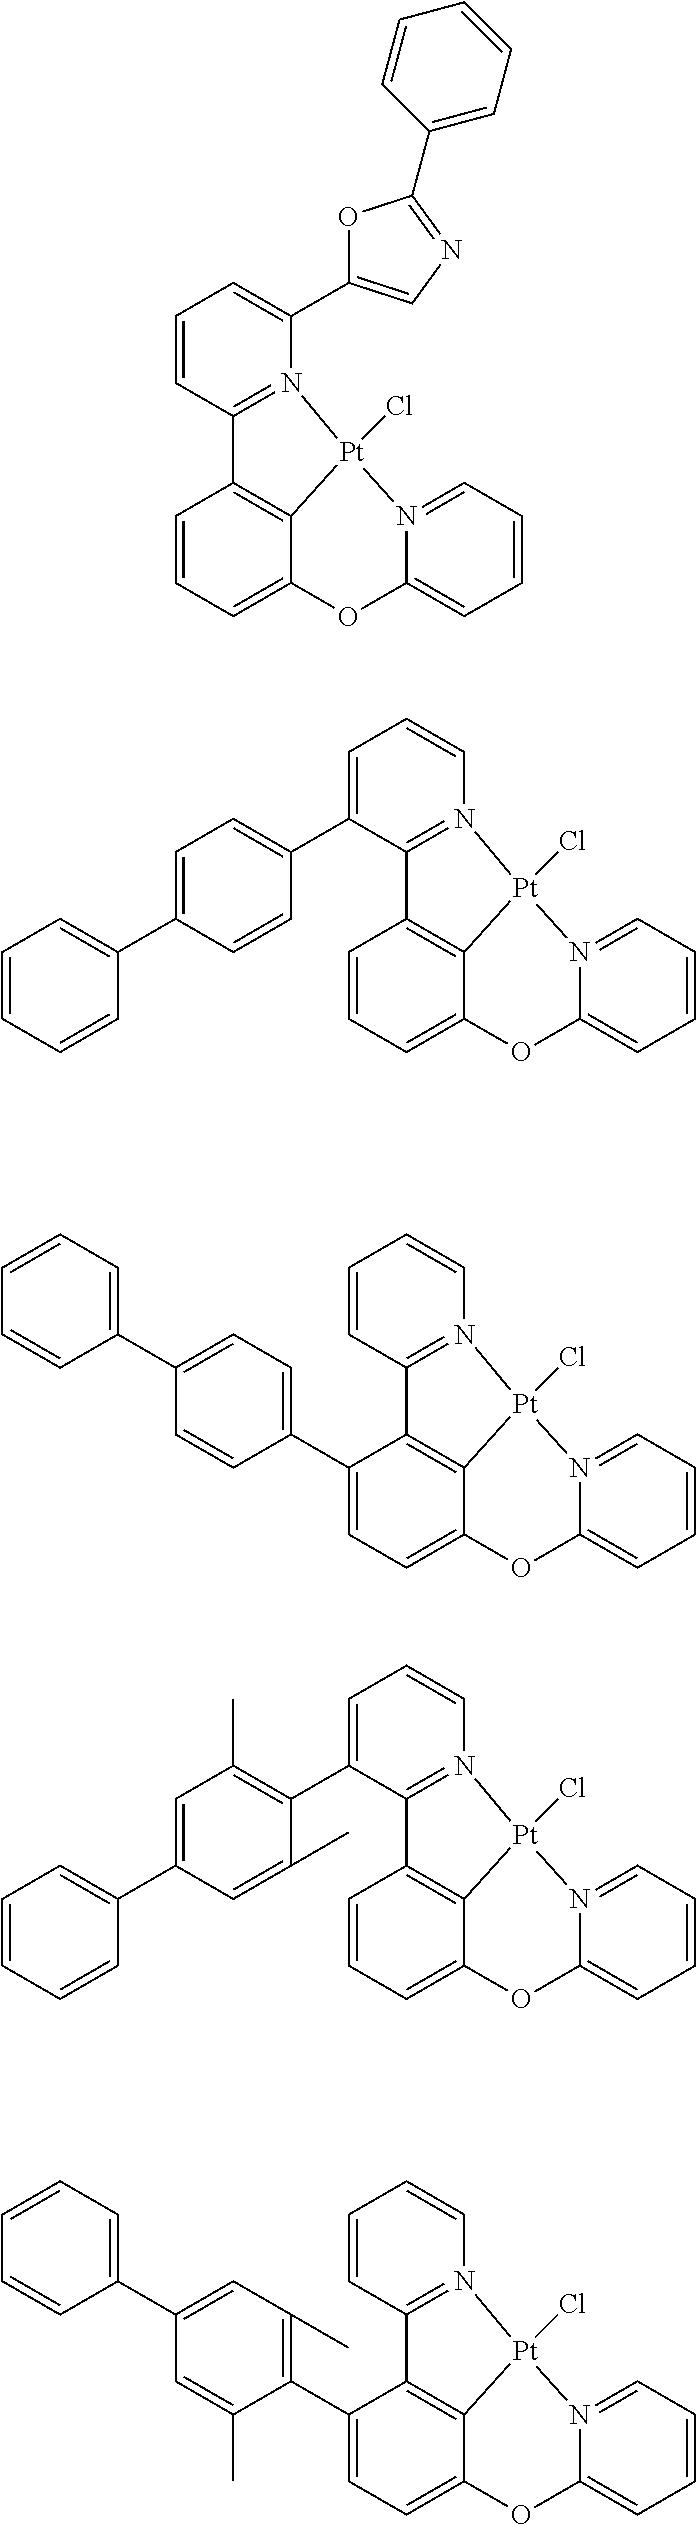 Figure US09818959-20171114-C00155